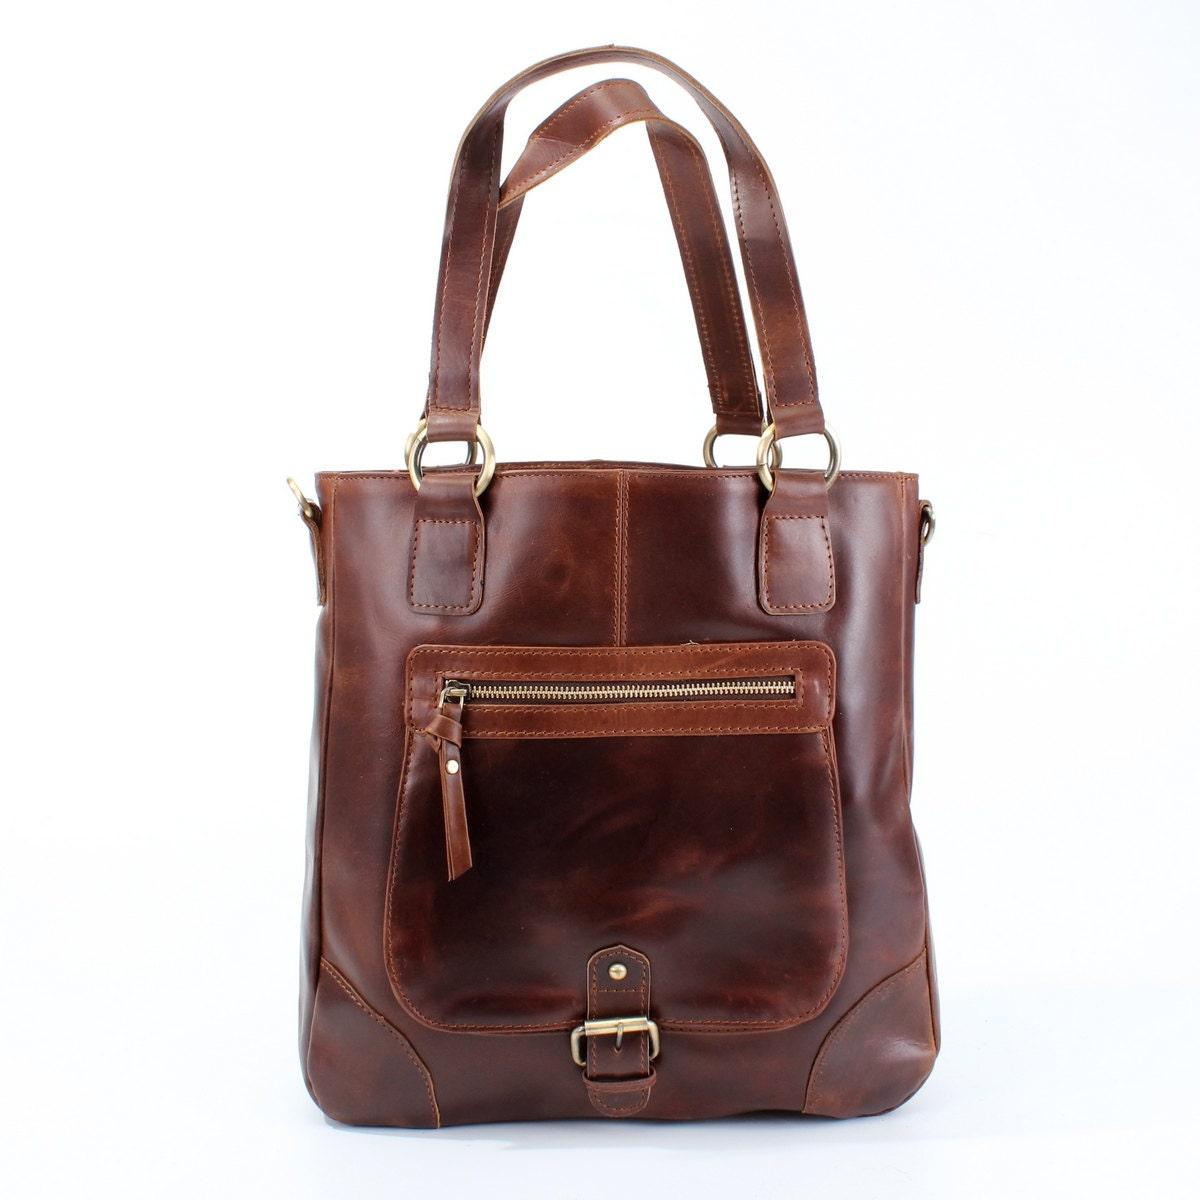 Leather Handbag Tote Shoulder Bag oiled vintage brown